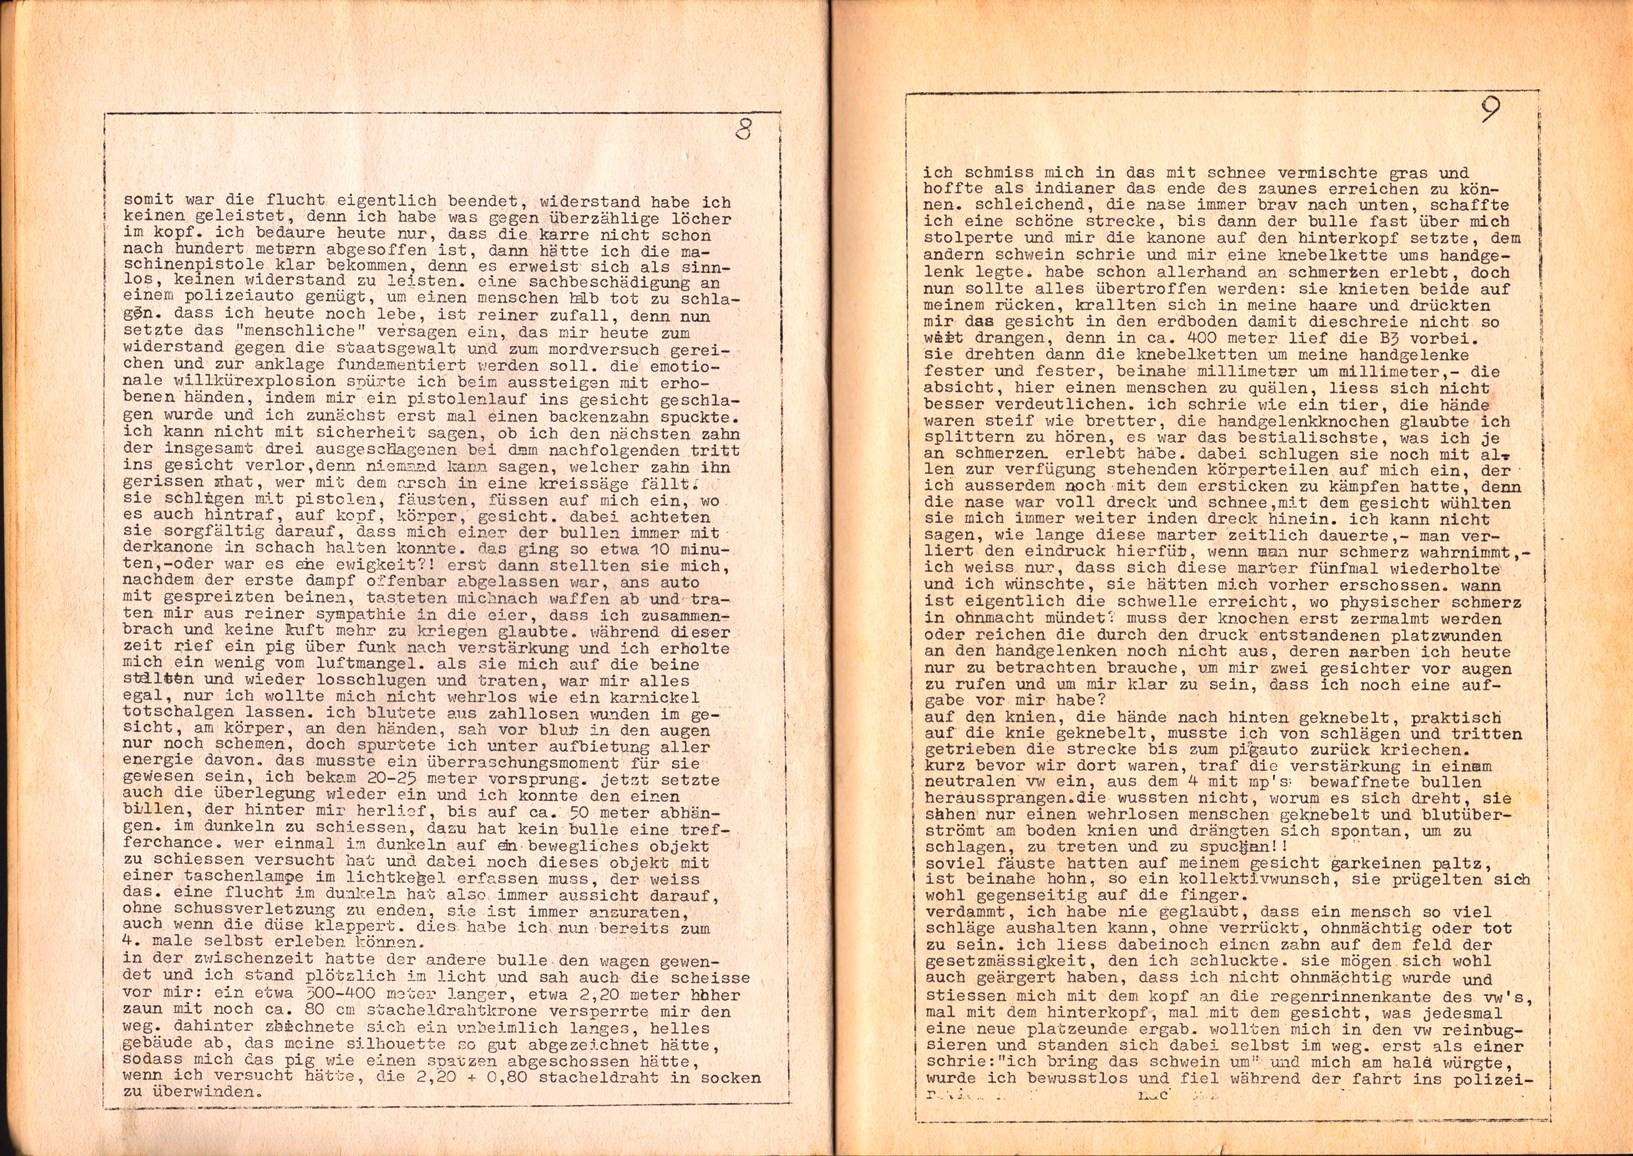 Wetzlar_Marburg_RH_SK_Lutz_Buhr_Knast_1973_05